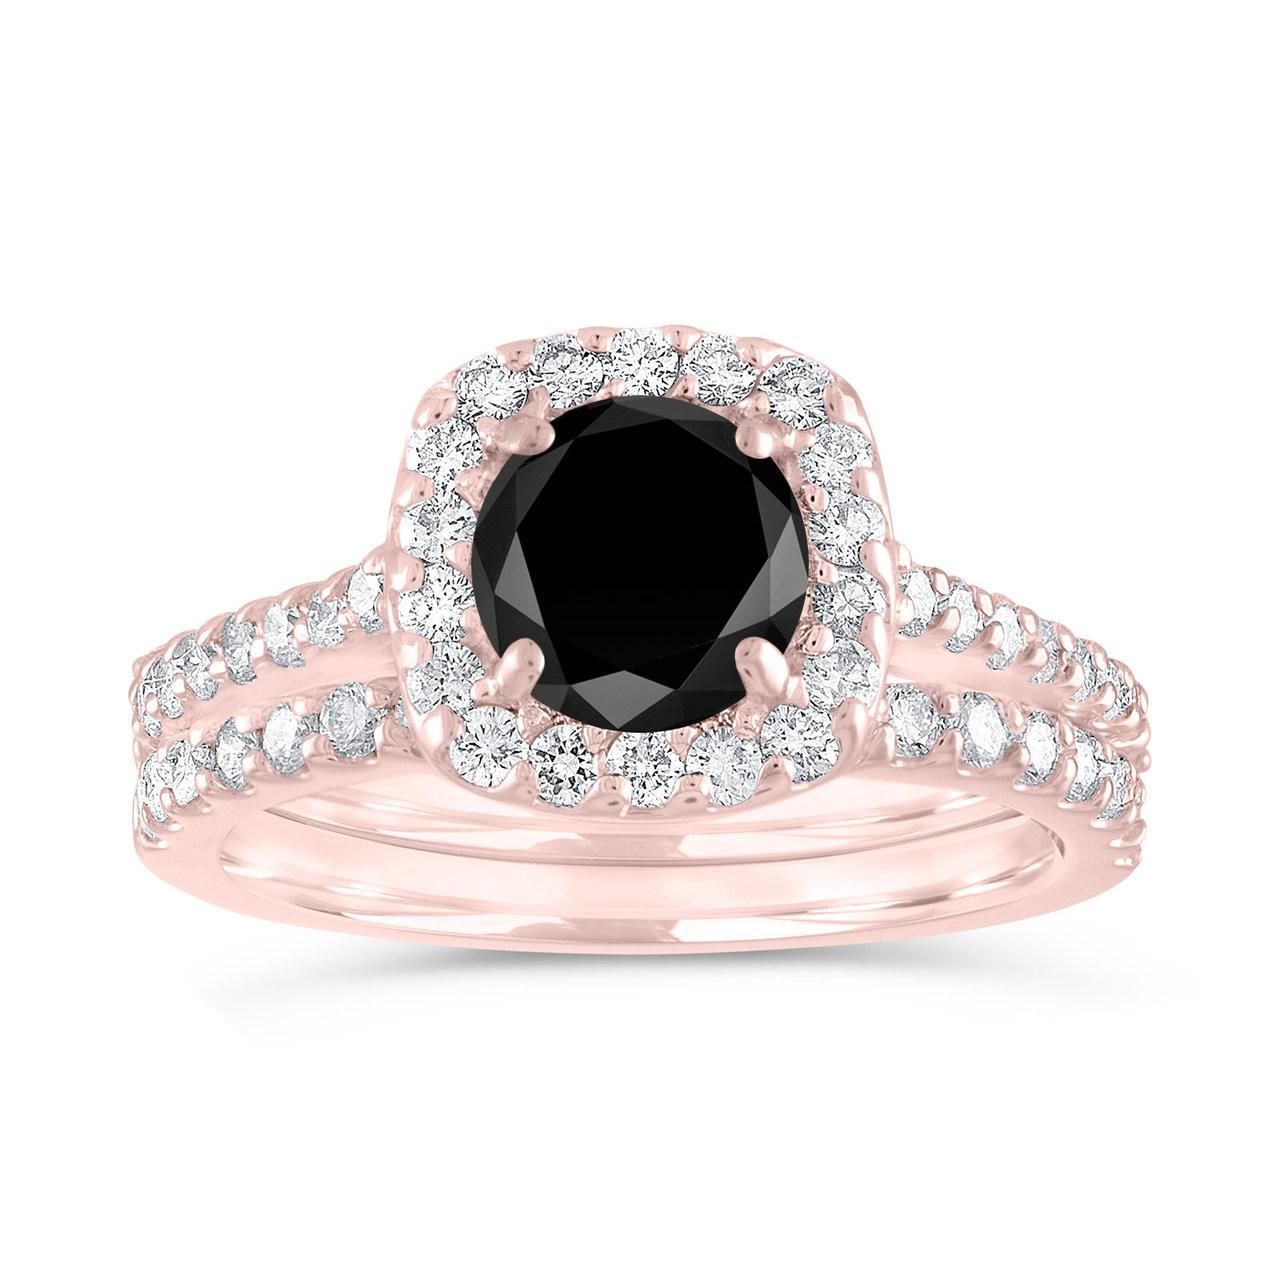 Black Diamond Engagement Ring Set Rose Gold 2 Carat Diamond Wedding